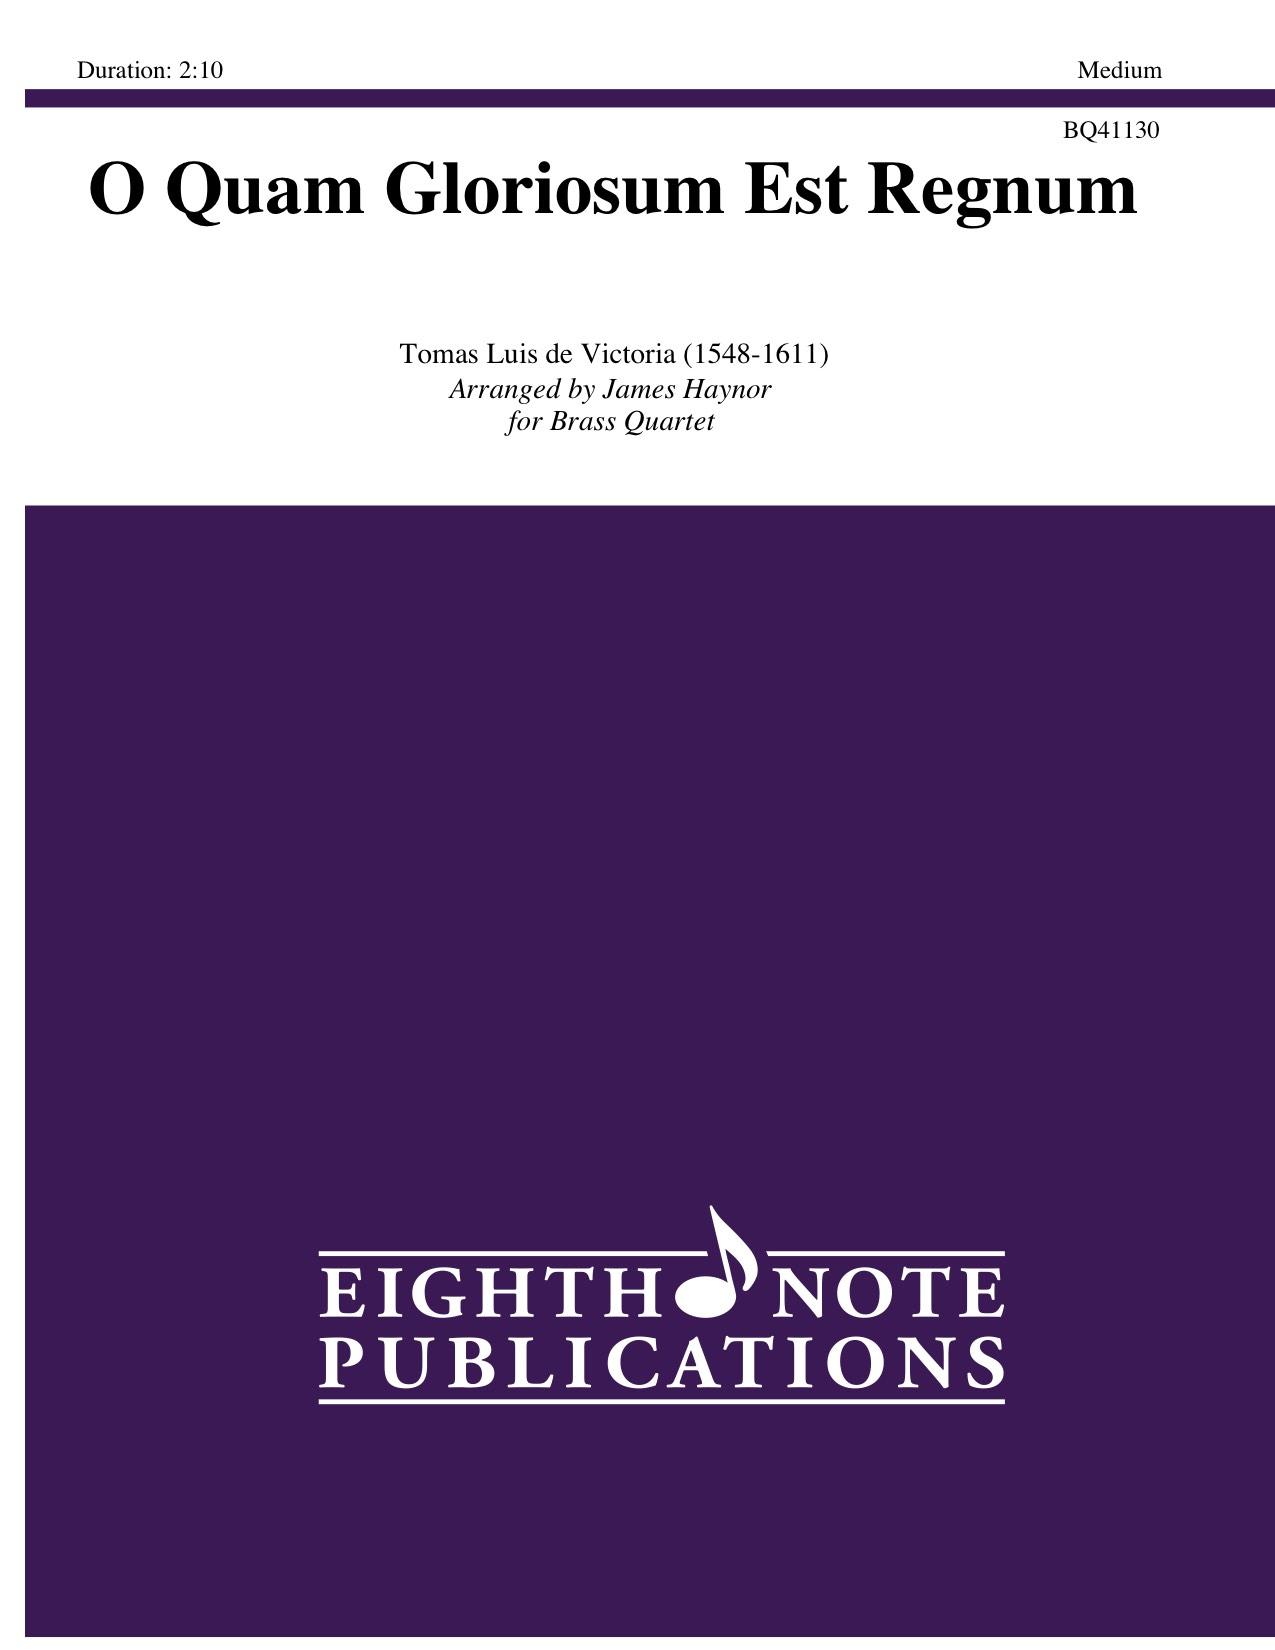 O Quam Gloriosum Est Regnum - Tomas Luis de Victoria